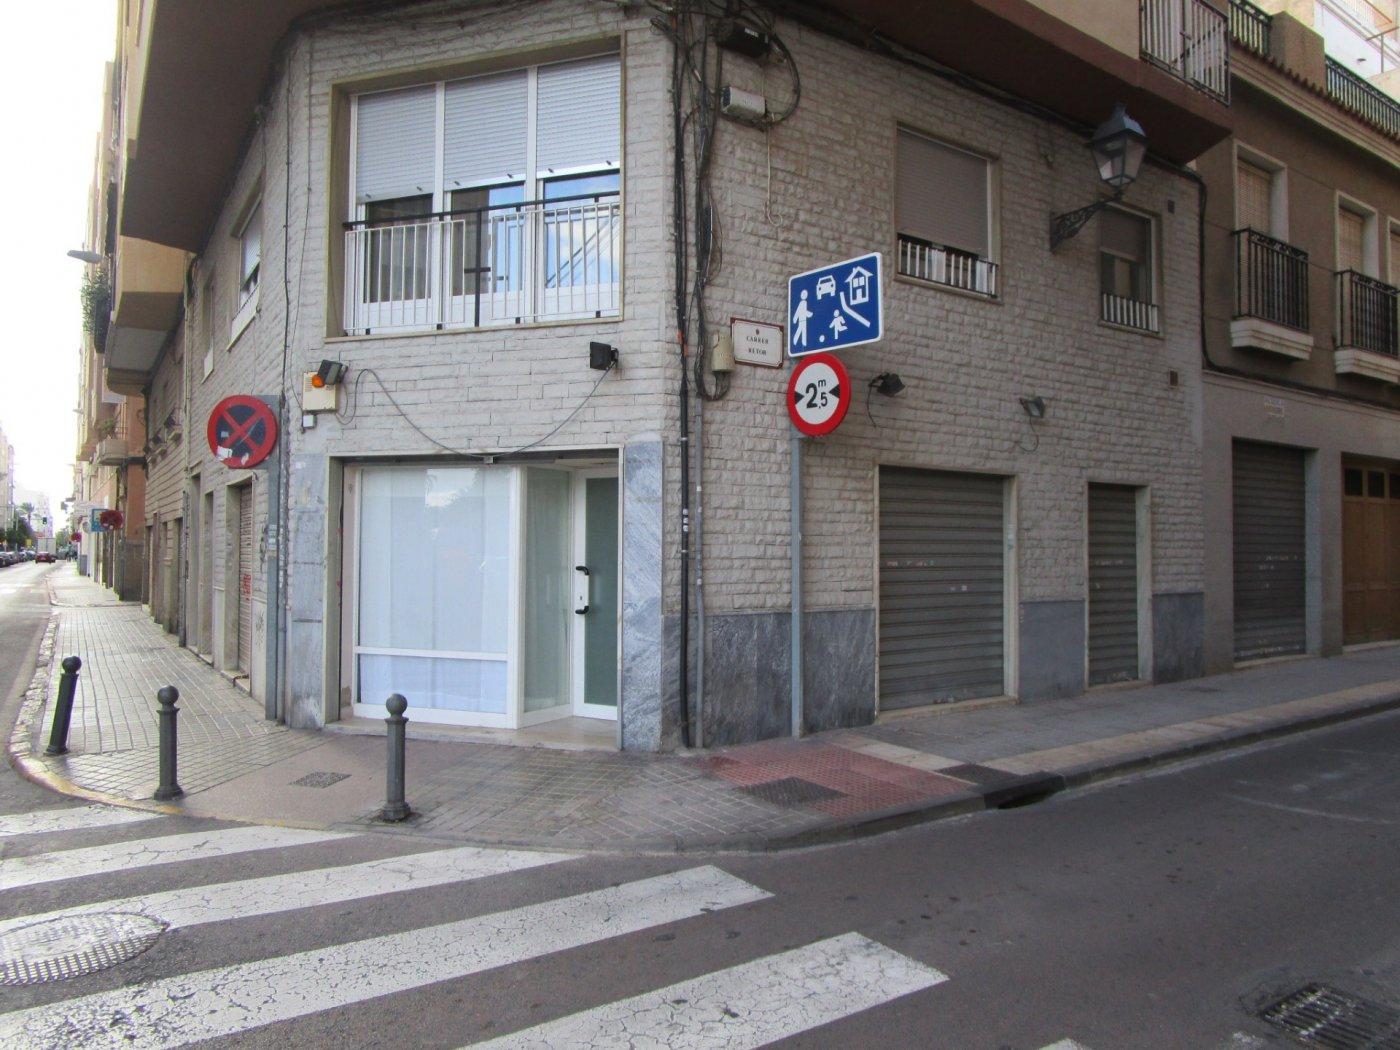 Local Vender elche raval-puertas-coloradas Ref.:08593-mls